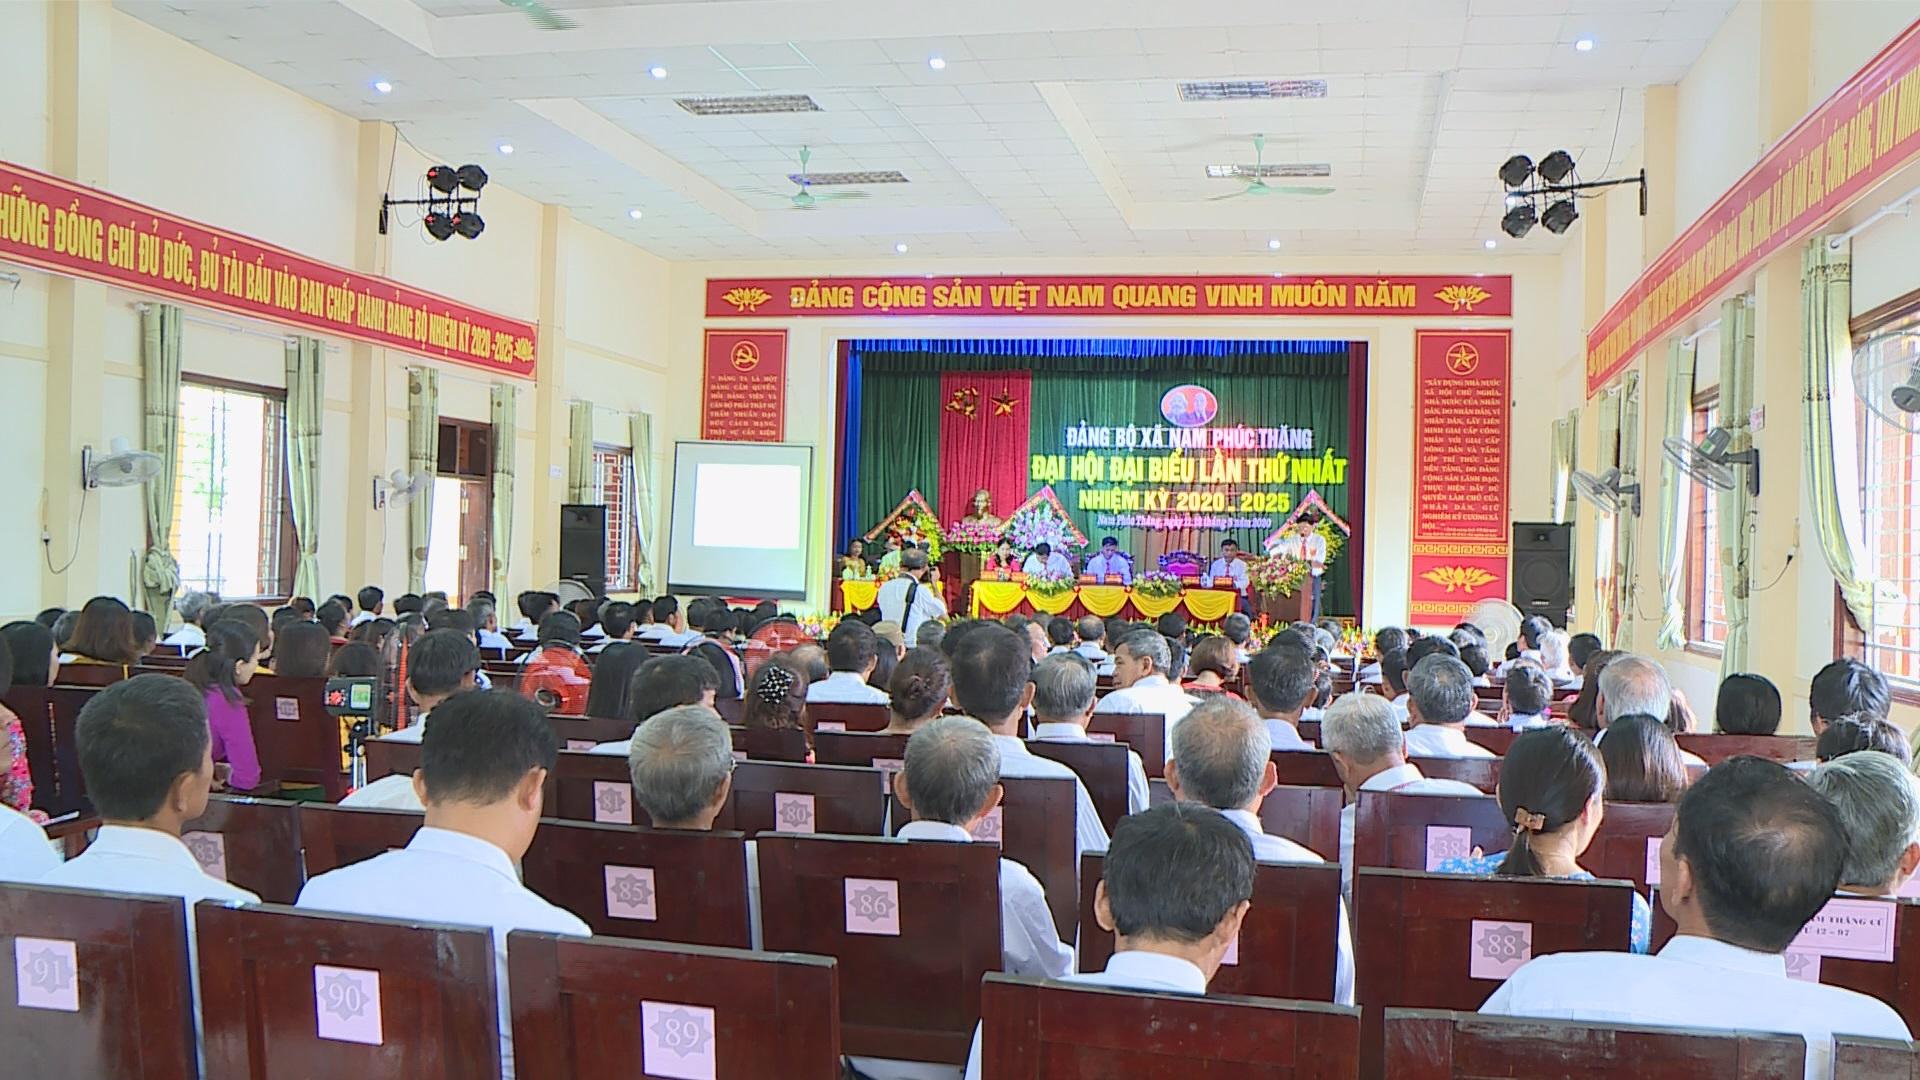 Đại hội Đảng bộ Xã Nam Phúc Thăng lần thứ nhất, nhiệm kỳ 2020-2025.